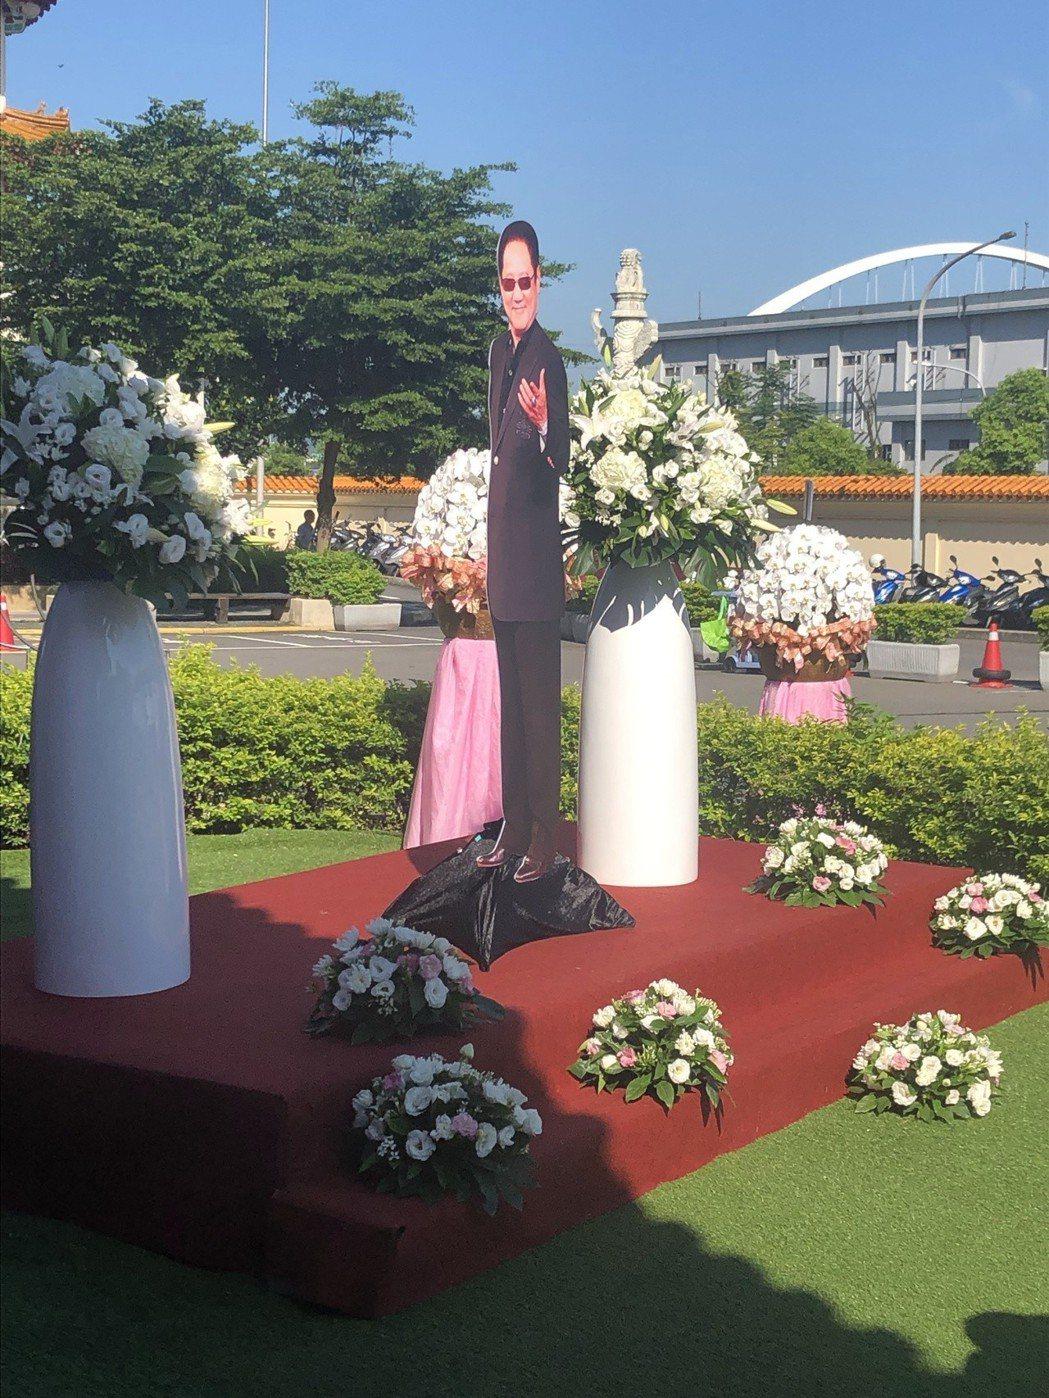 馬如龍告別式於板橋殯儀館景福廳舉行。記者陳建嘉攝